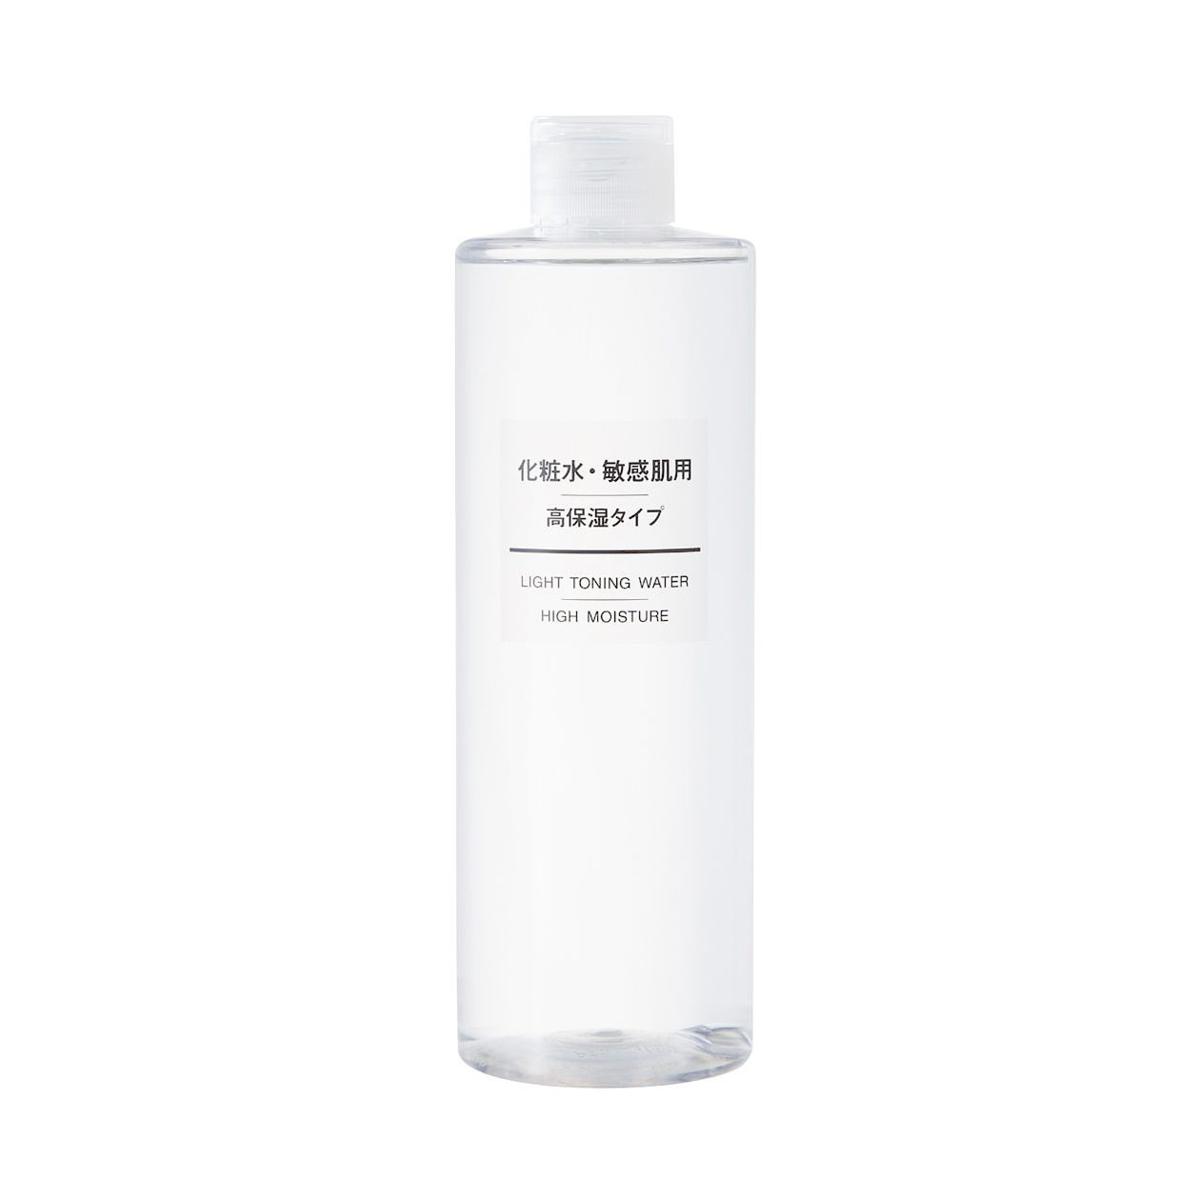 無印良品化粧水 高保湿タイプ